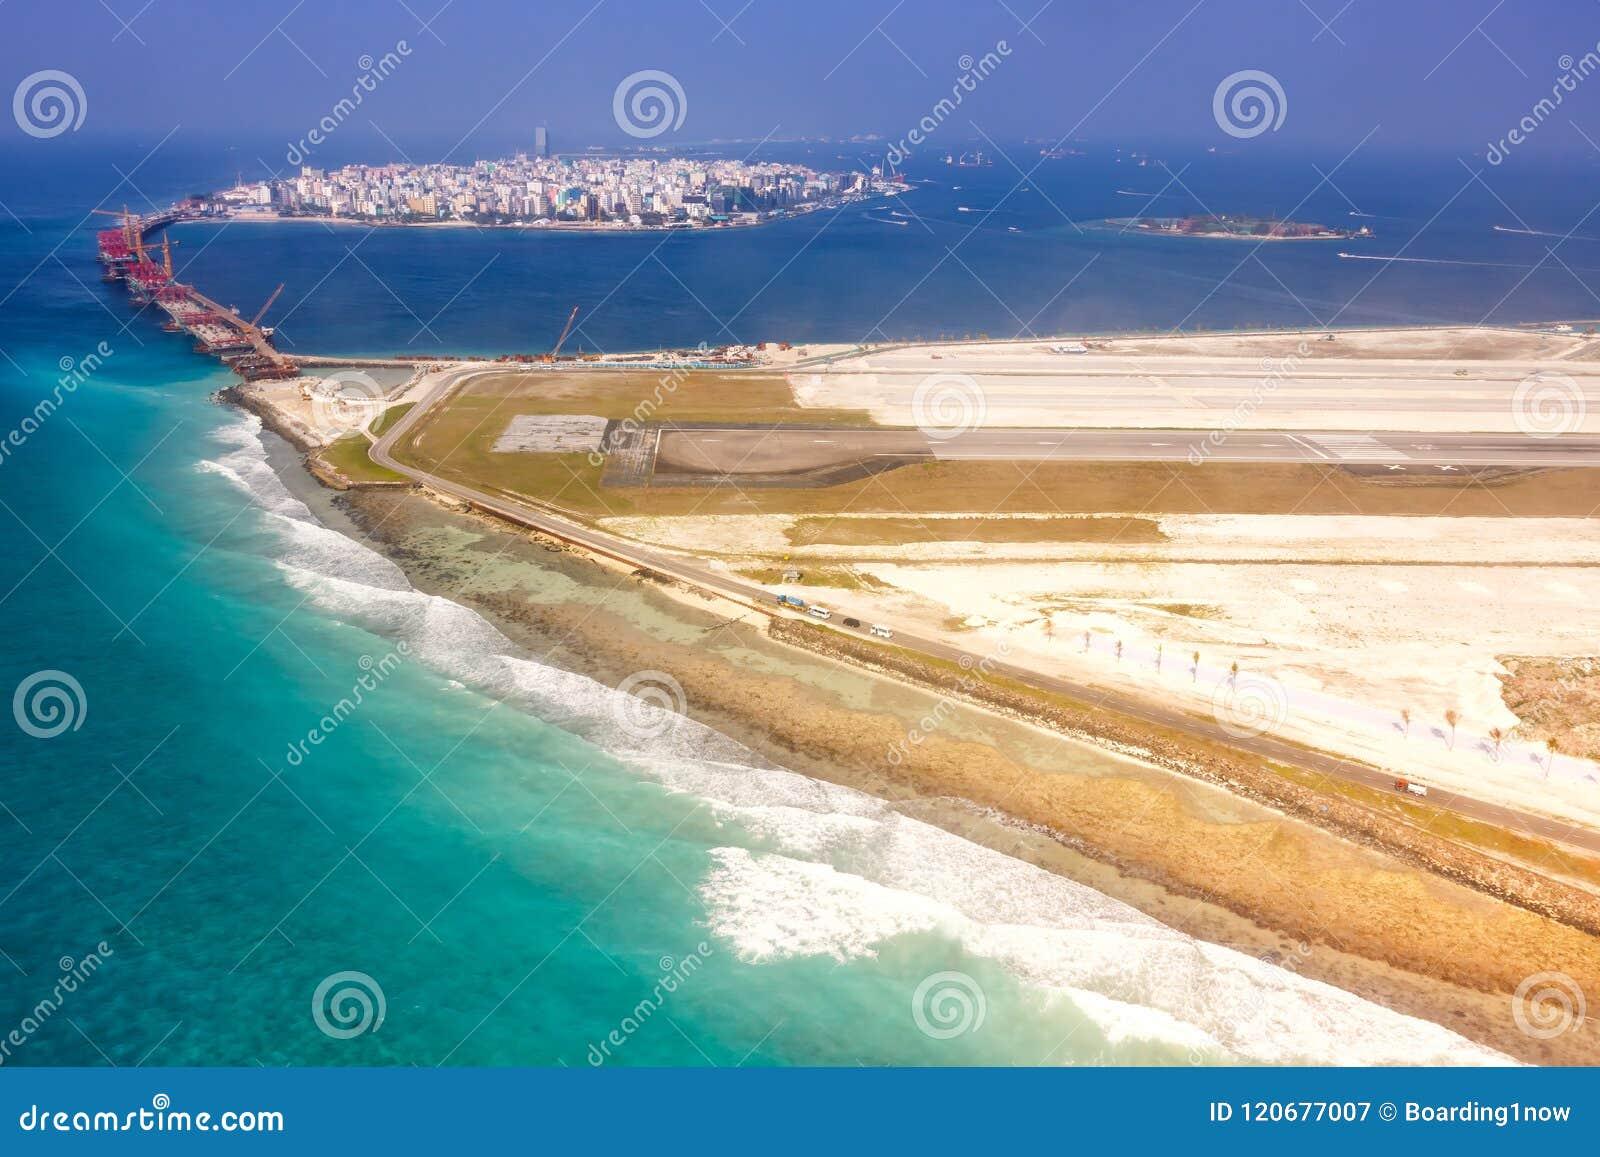 Aeroporto Male Maldive : Airport maldives male city island aerial photo stock image image